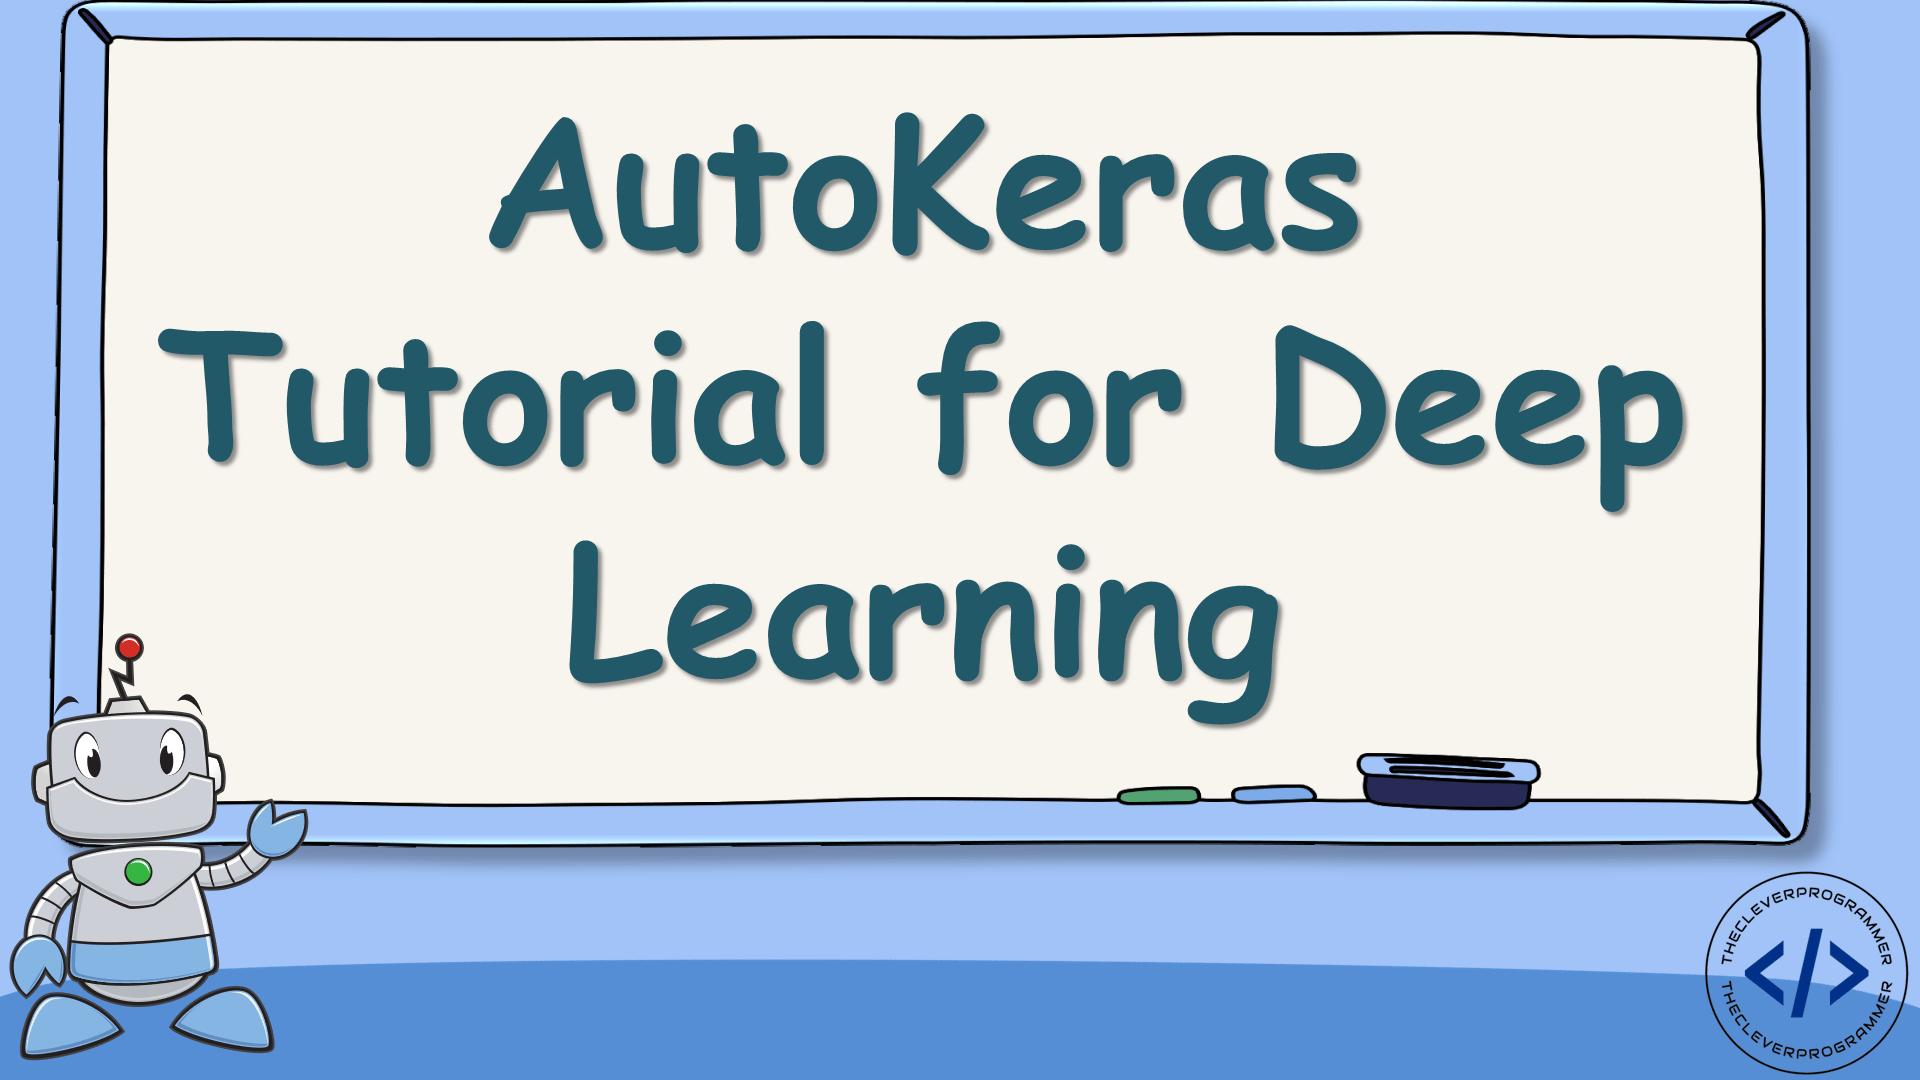 Autokeras Tutorial with Python